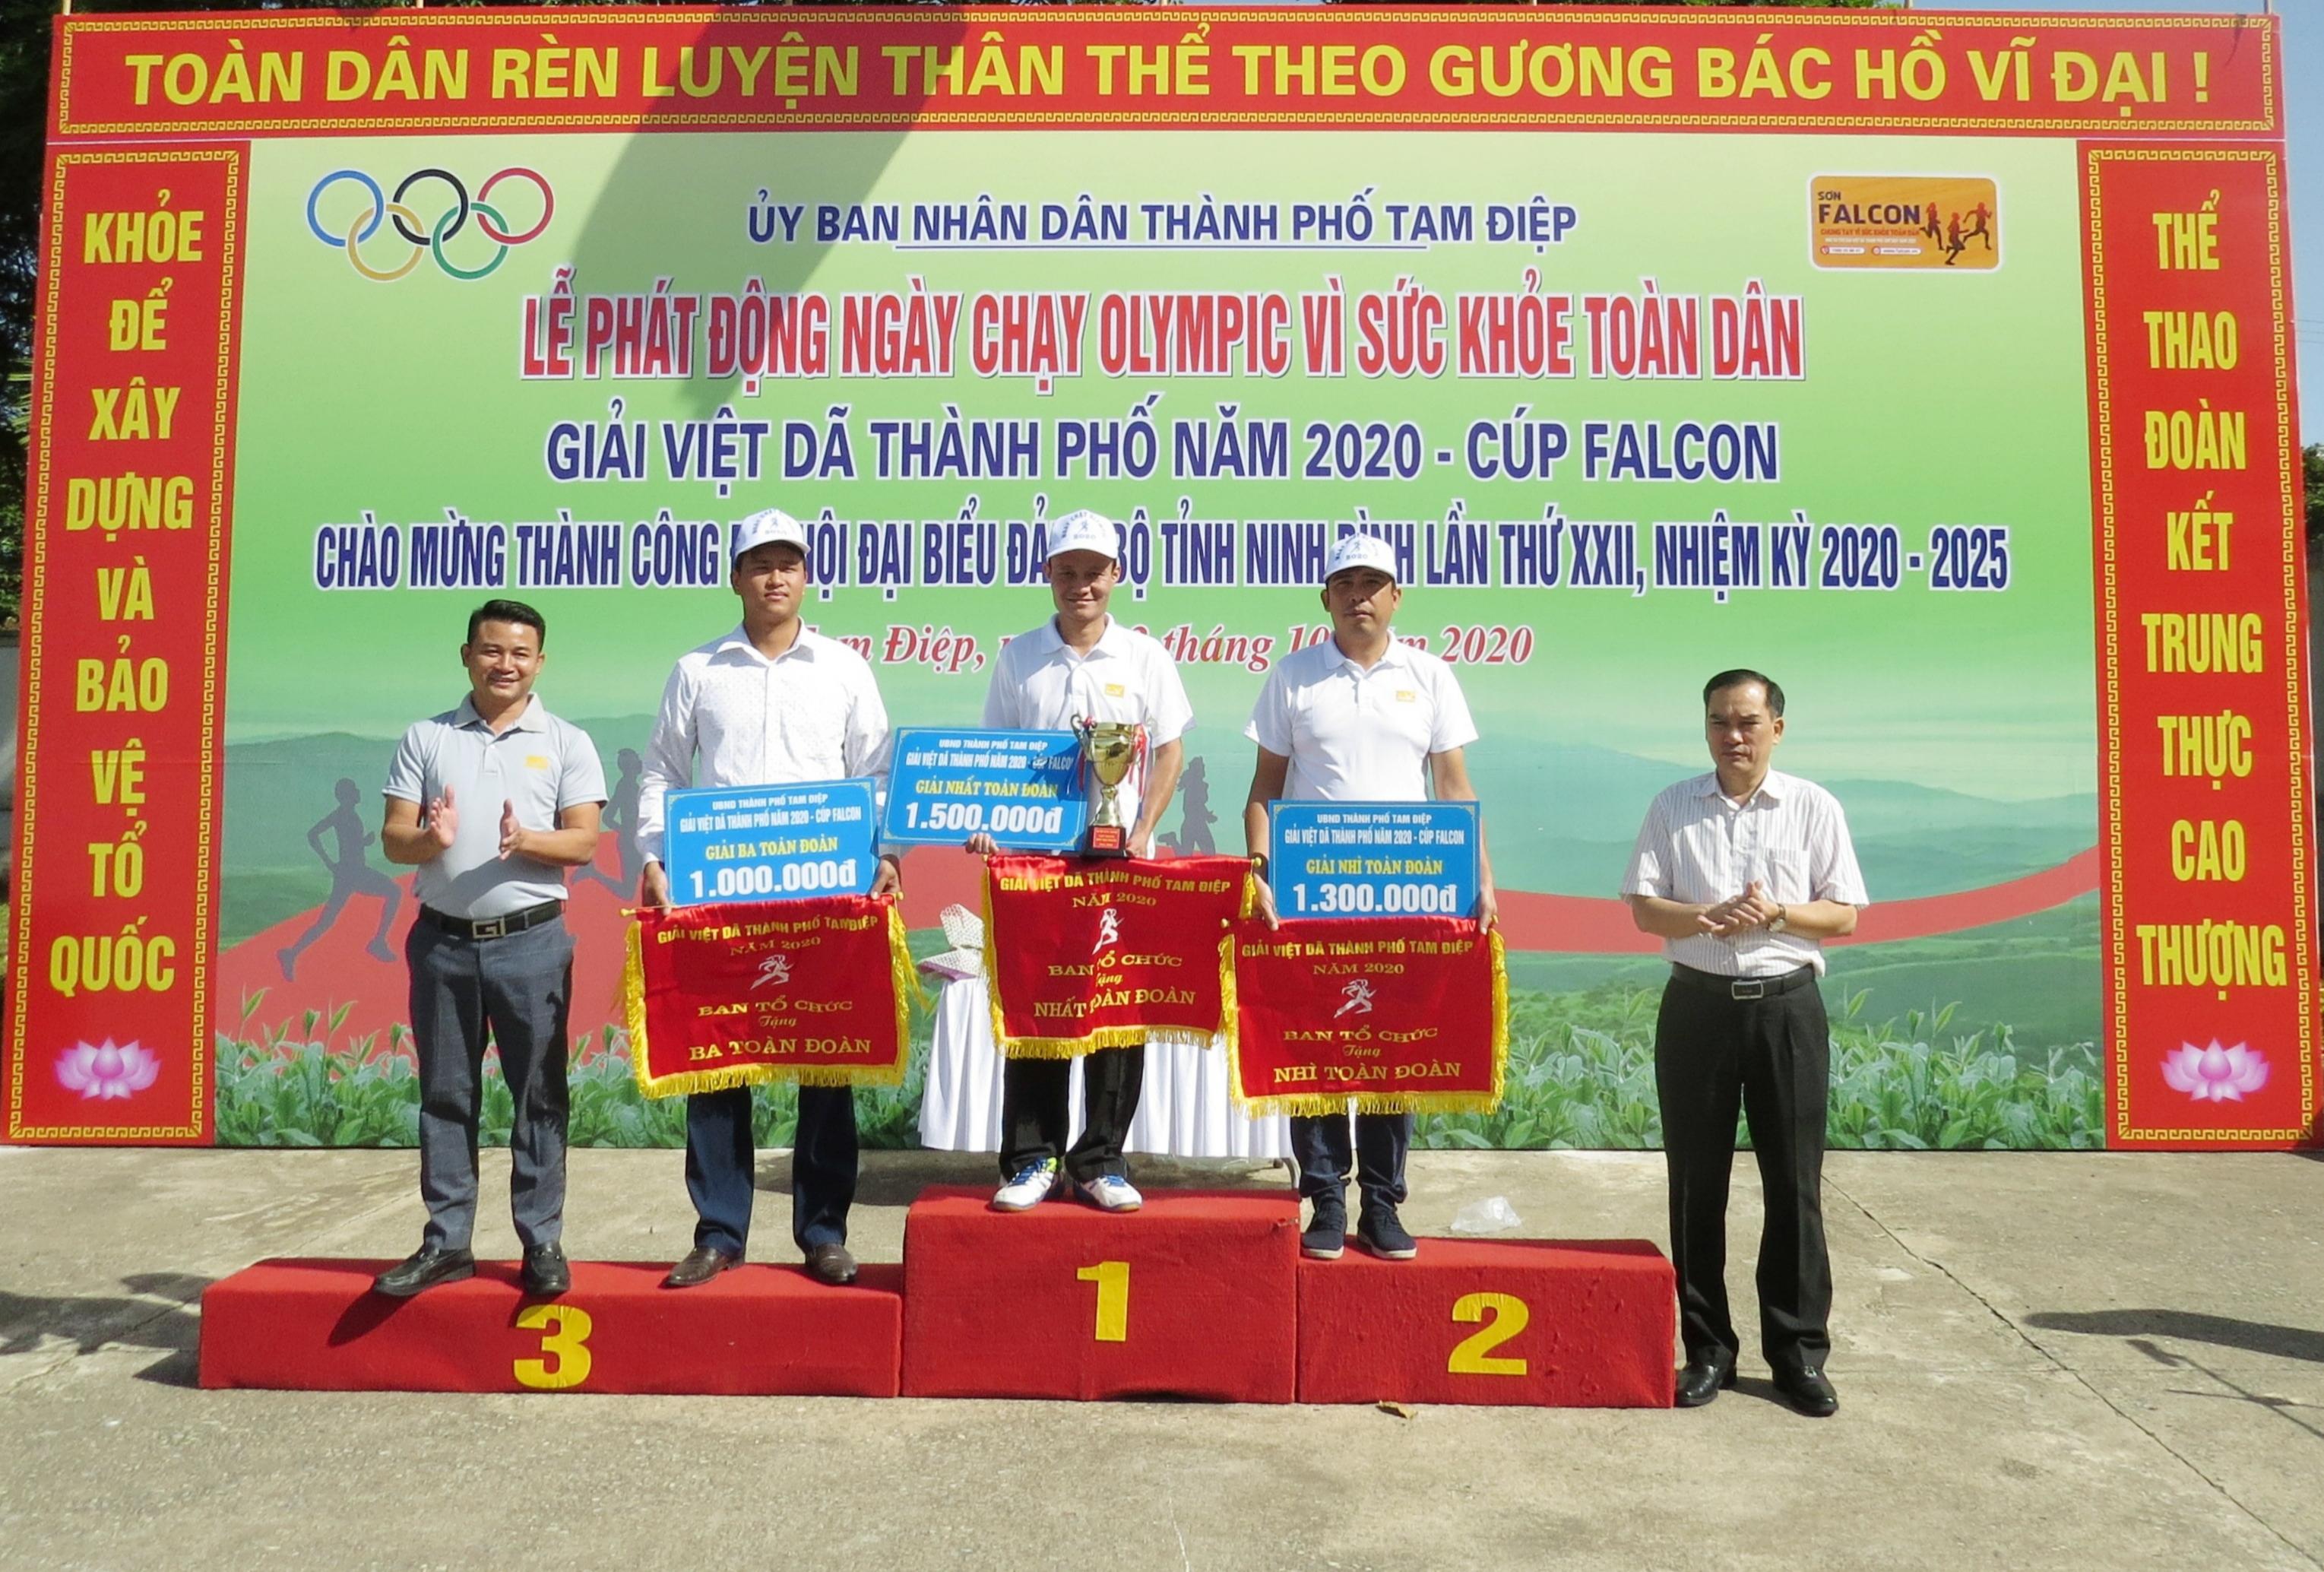 Lễ phát động Ngày chạy Olympic vì sức khỏe toàn dân và giải Việt dã thành phố Tam Điệp lần thứ V, năm 2020